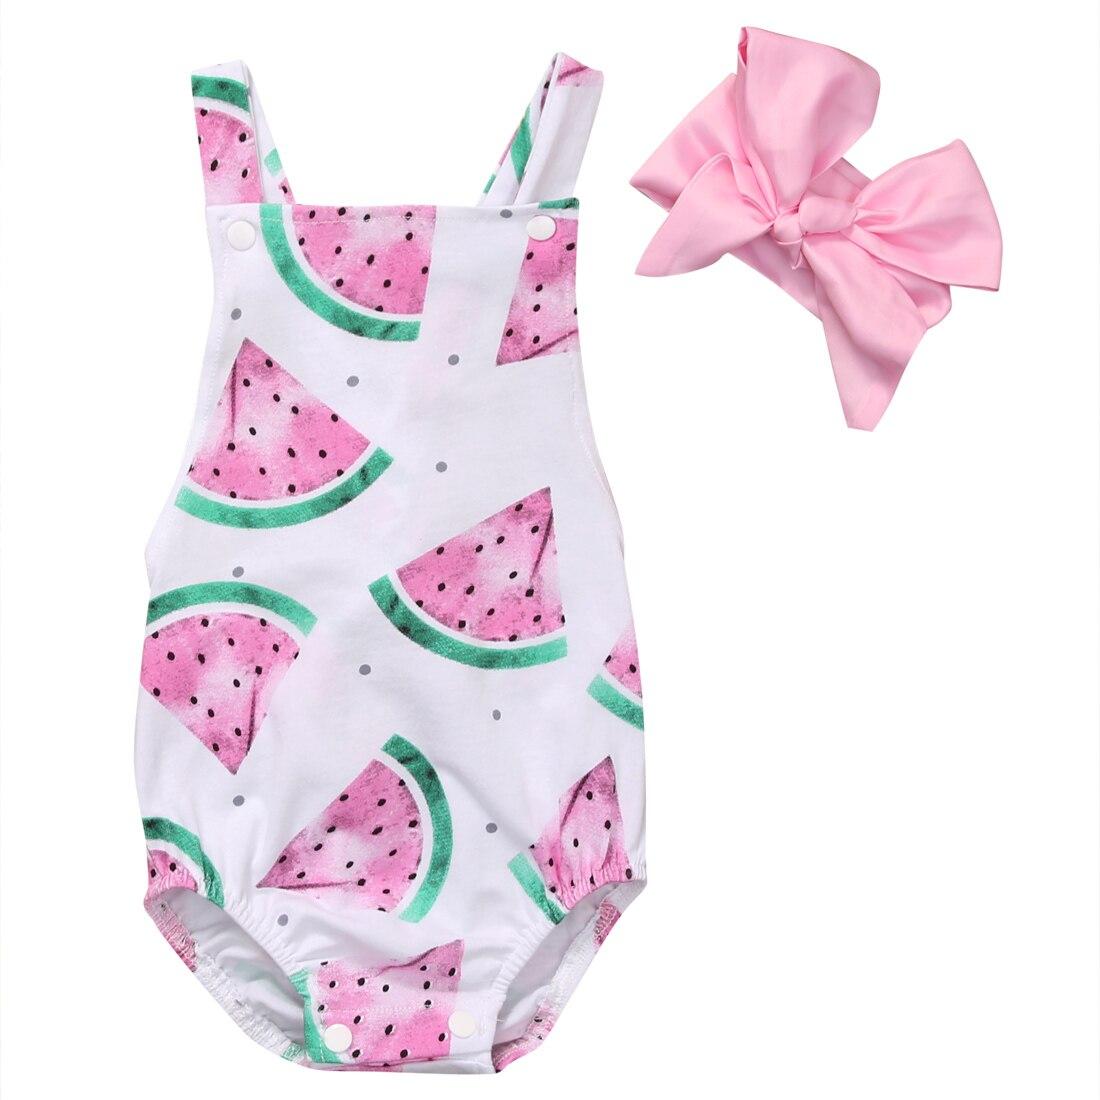 2017 Estate Neonate Vestiti Senza Maniche Watermelon Infantili Bebes Pagliaccetto Backless Halter Tuta + Fascia 2 Pz Outfit Prendisole Prezzo Moderato